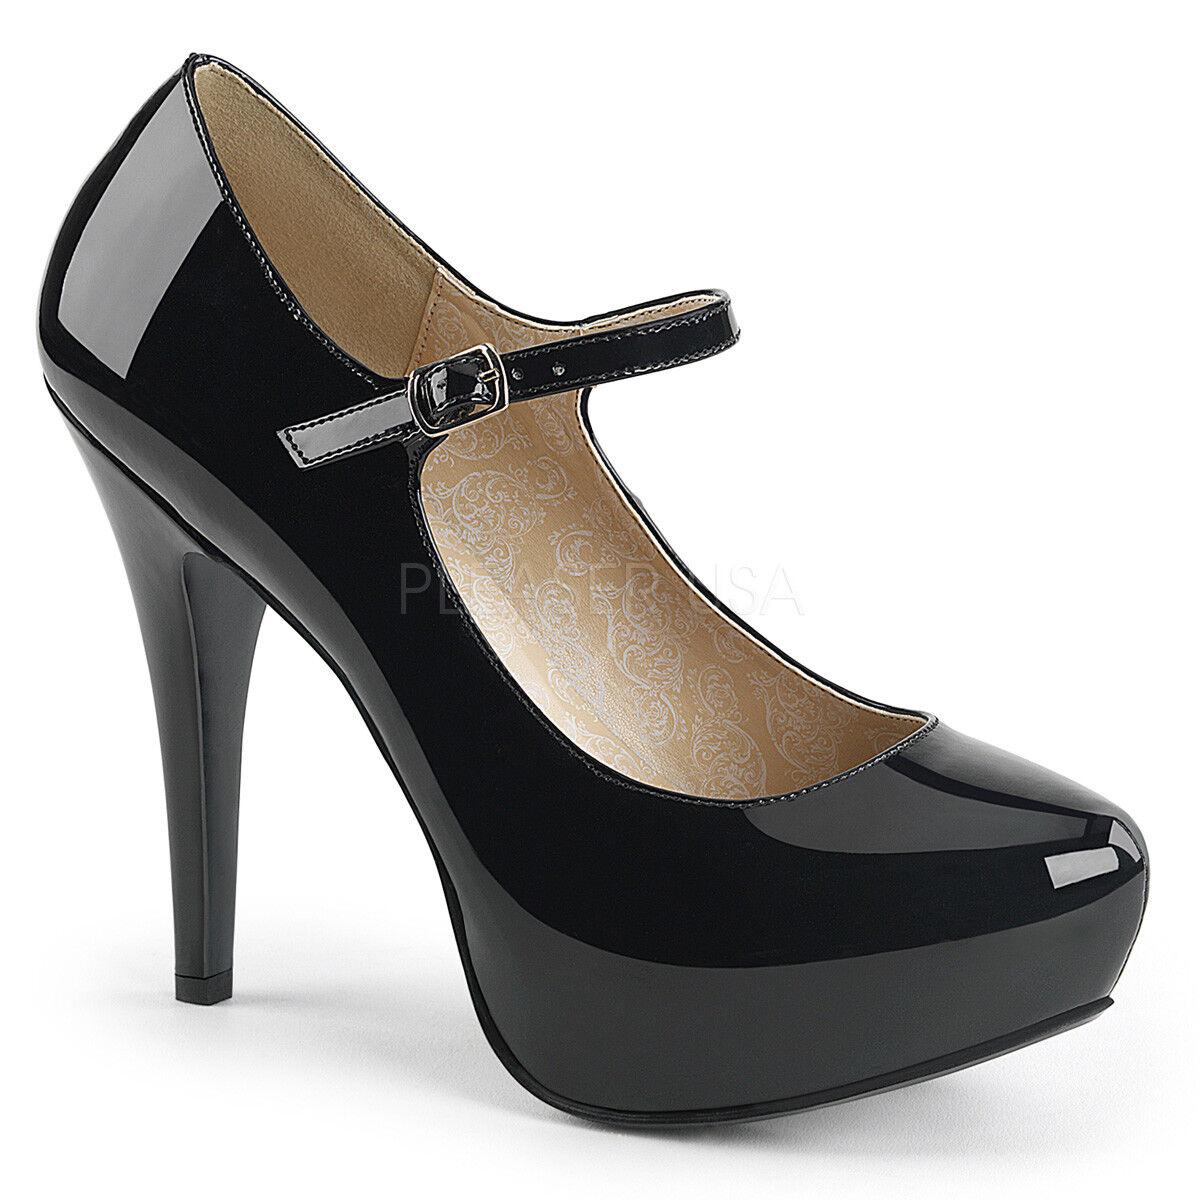 conveniente nero 1950s Pinup Girl High Heels Heels Heels Uomo Drag Queen Tranny Donna scarpe 14 15 16  benvenuto a comprare